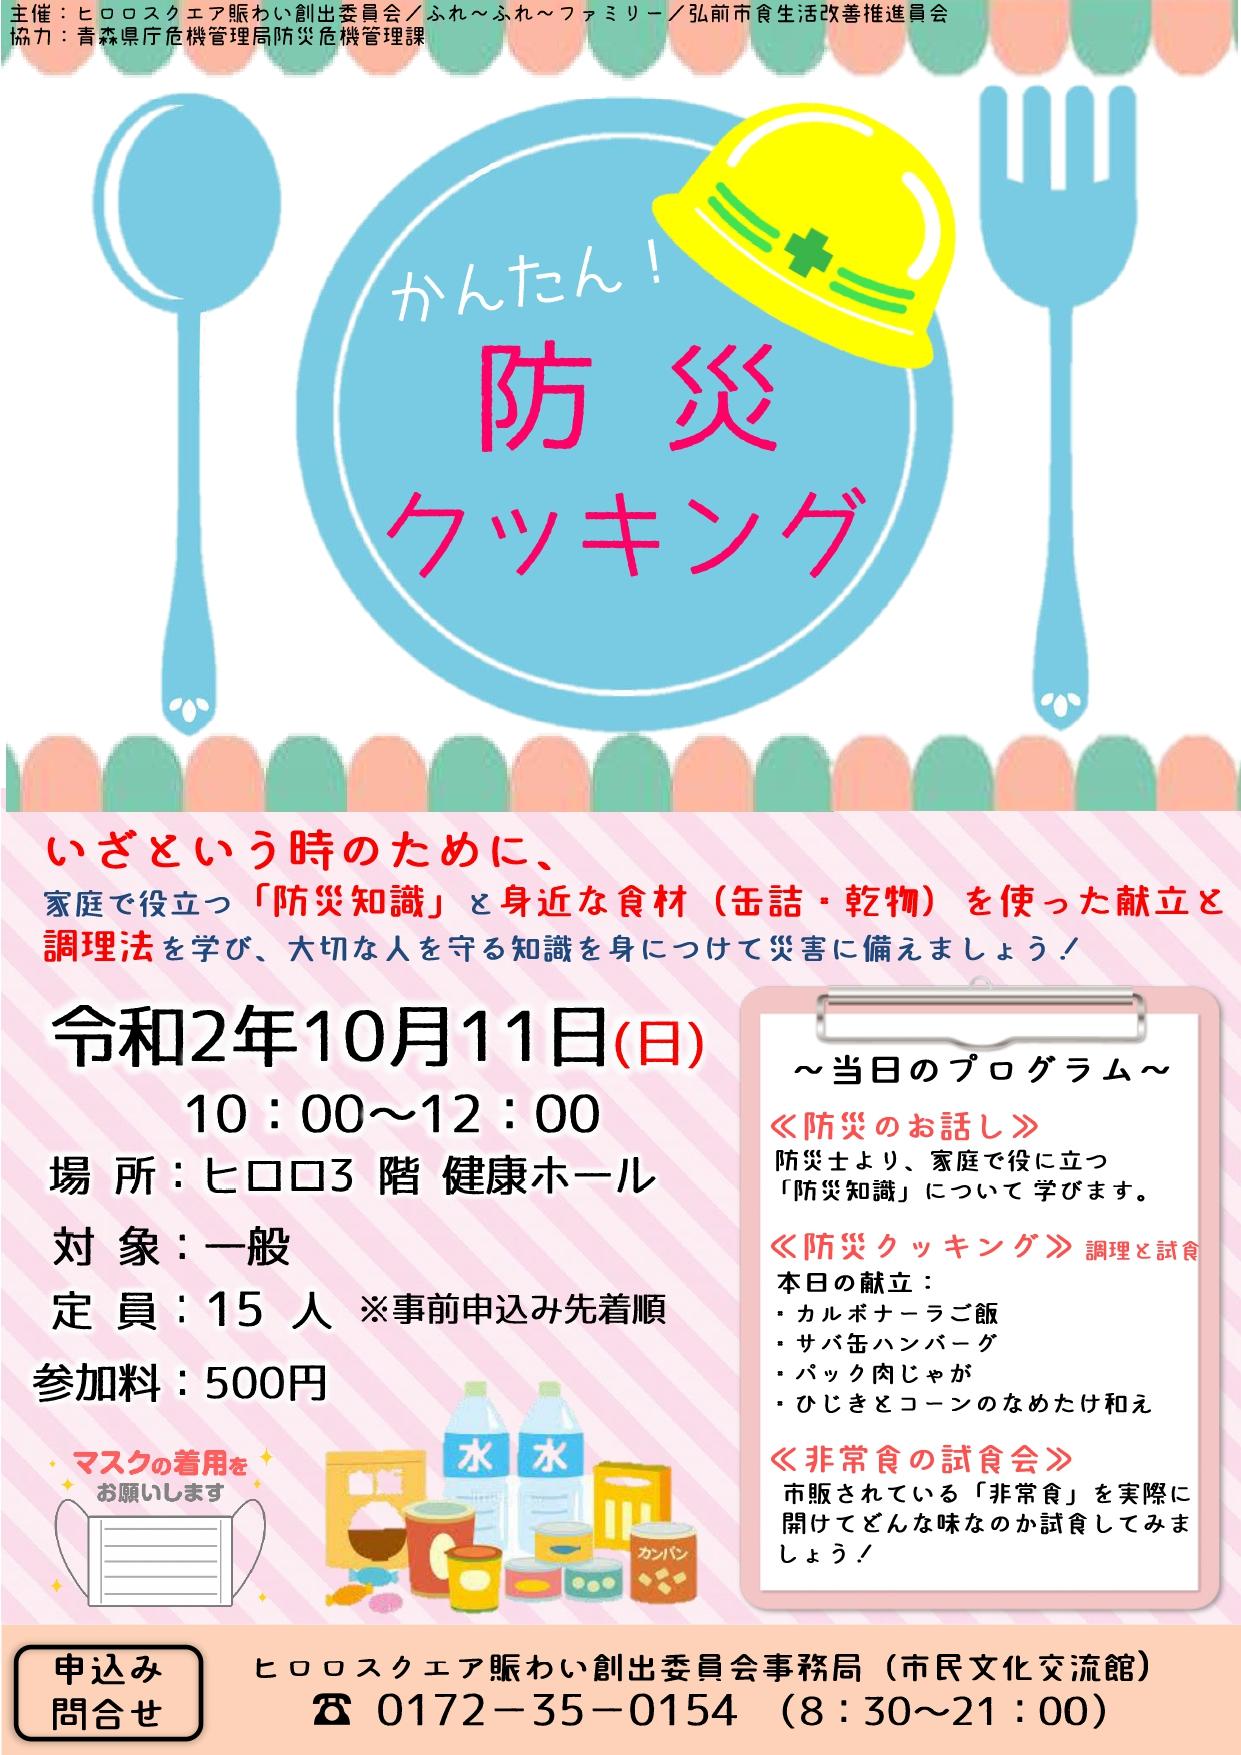 防災クッキング2020カラー_page-0001 (1).jpg